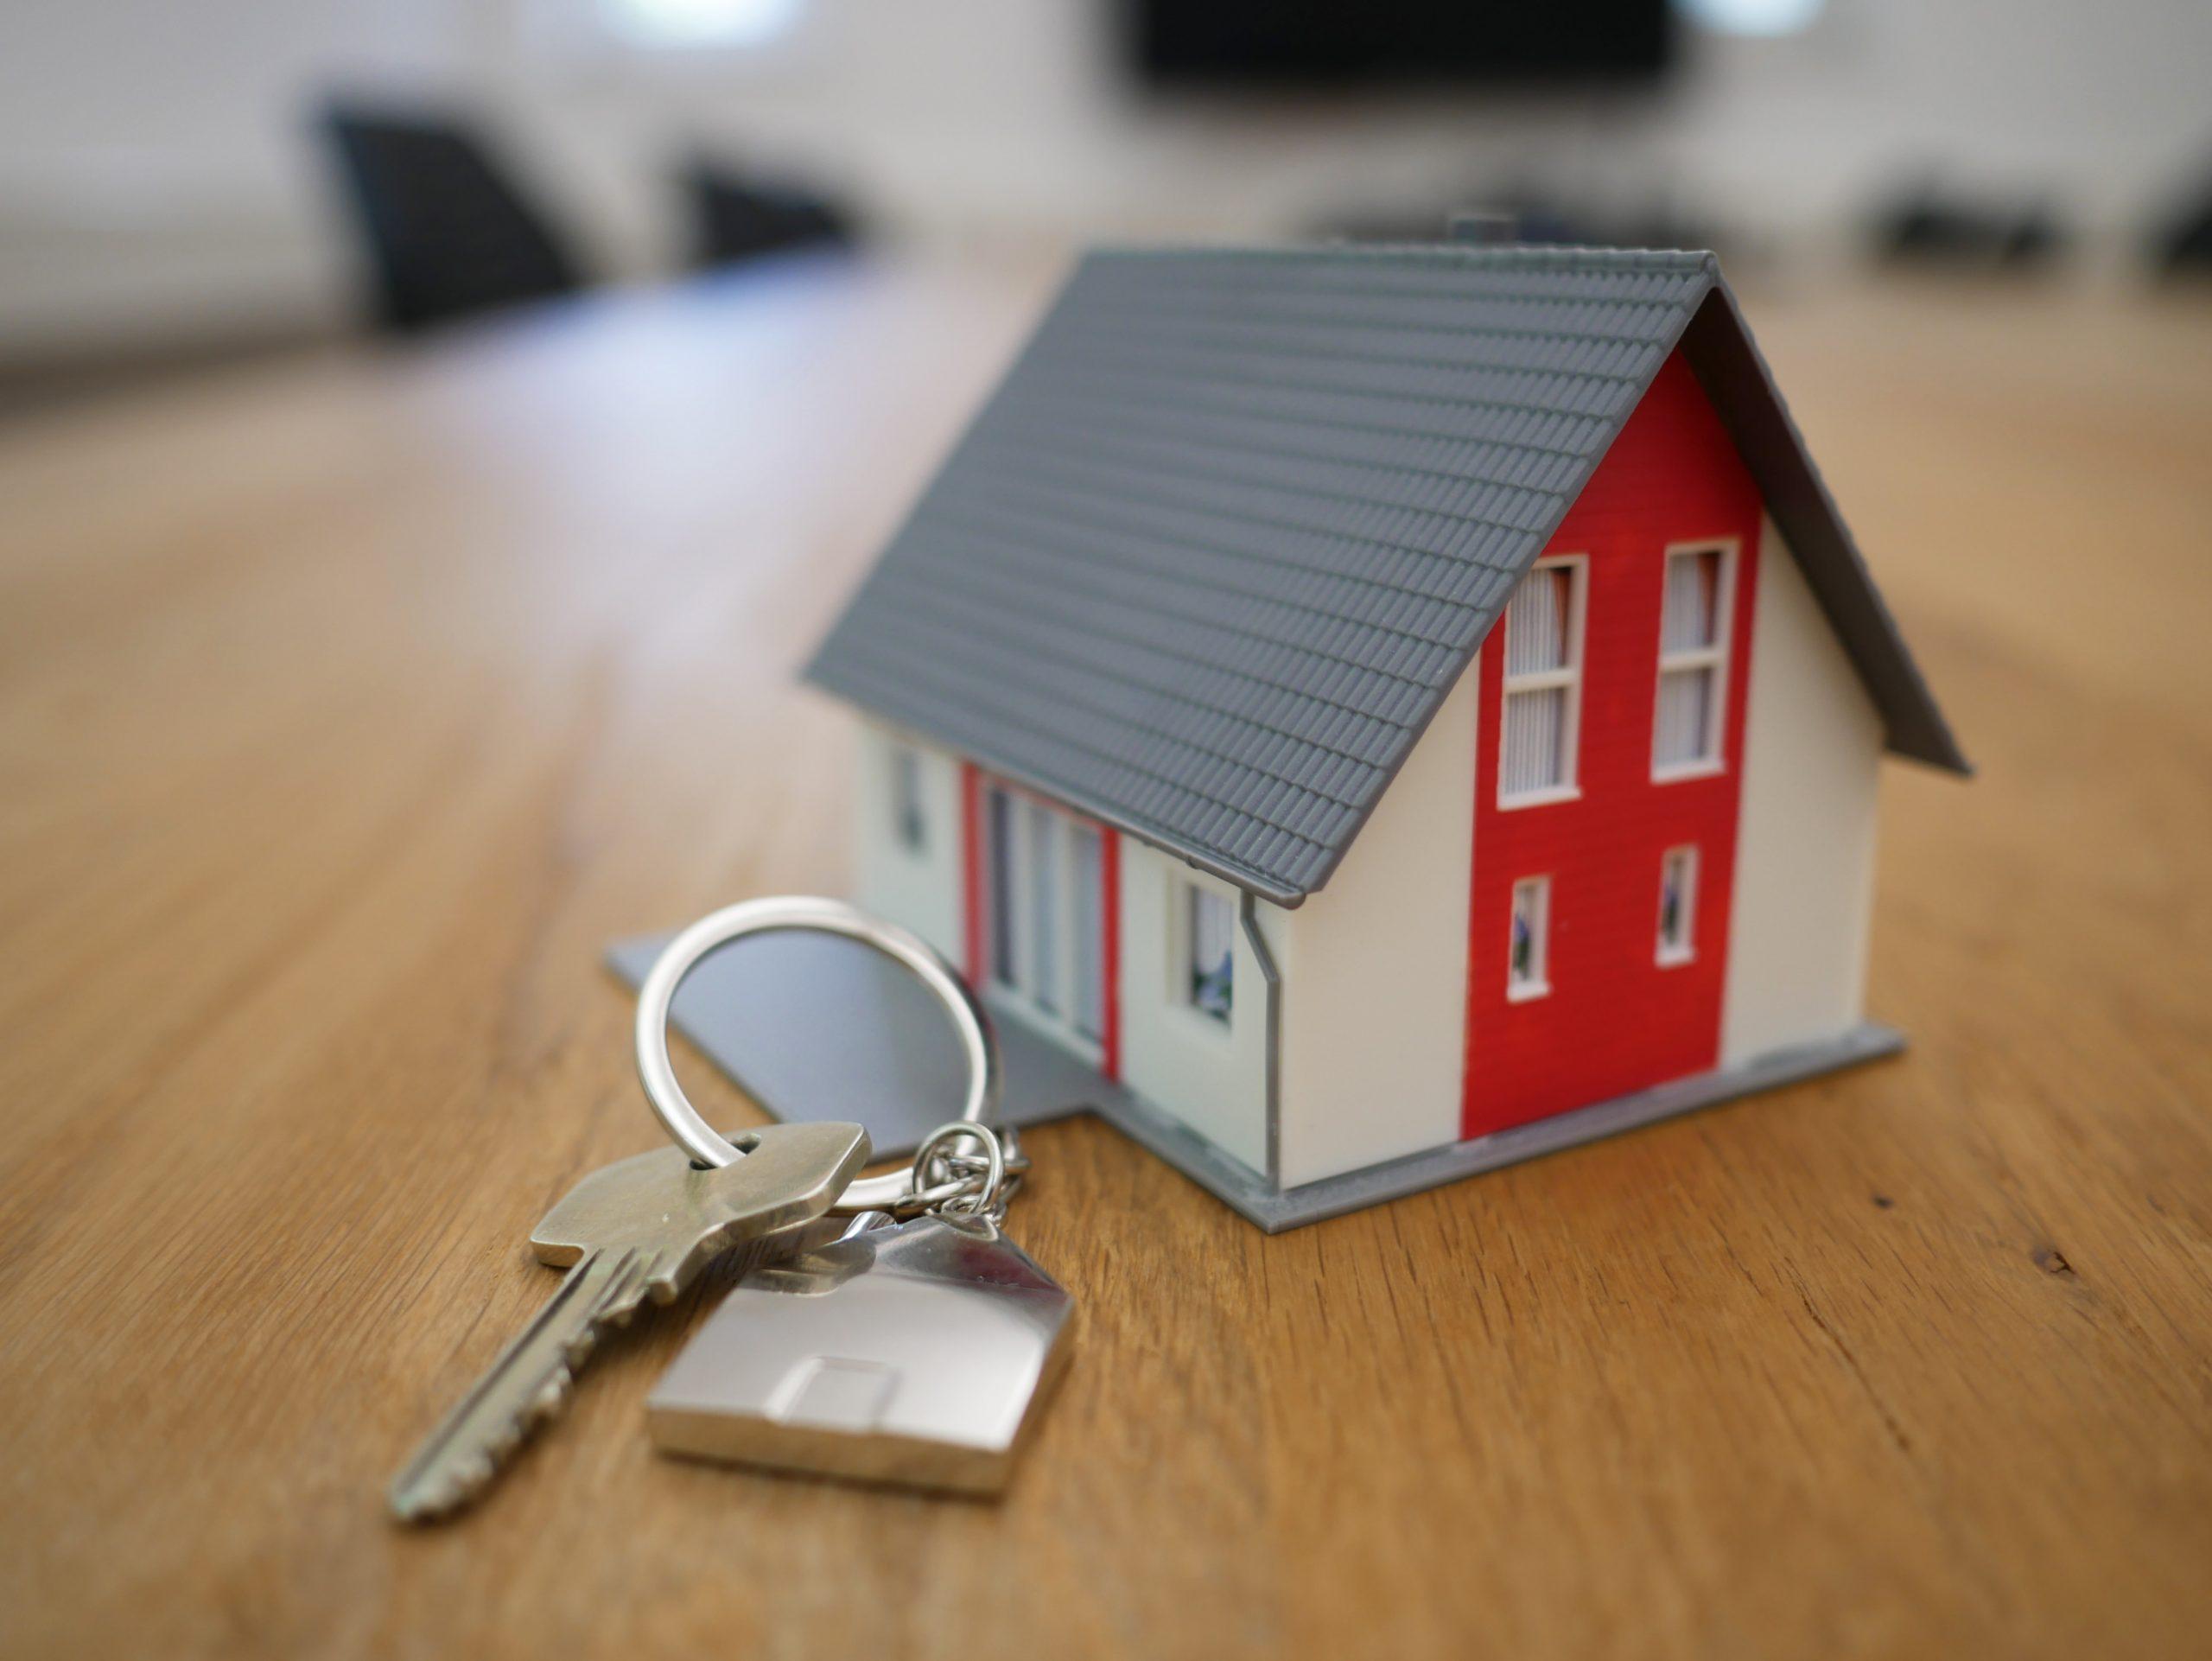 Câți ani trebuie să muncească un român ca să își cumpere un apartament? Cât timp trebuie să pună bani la saltea un român dacă nu vrea să se împrumute la bănci